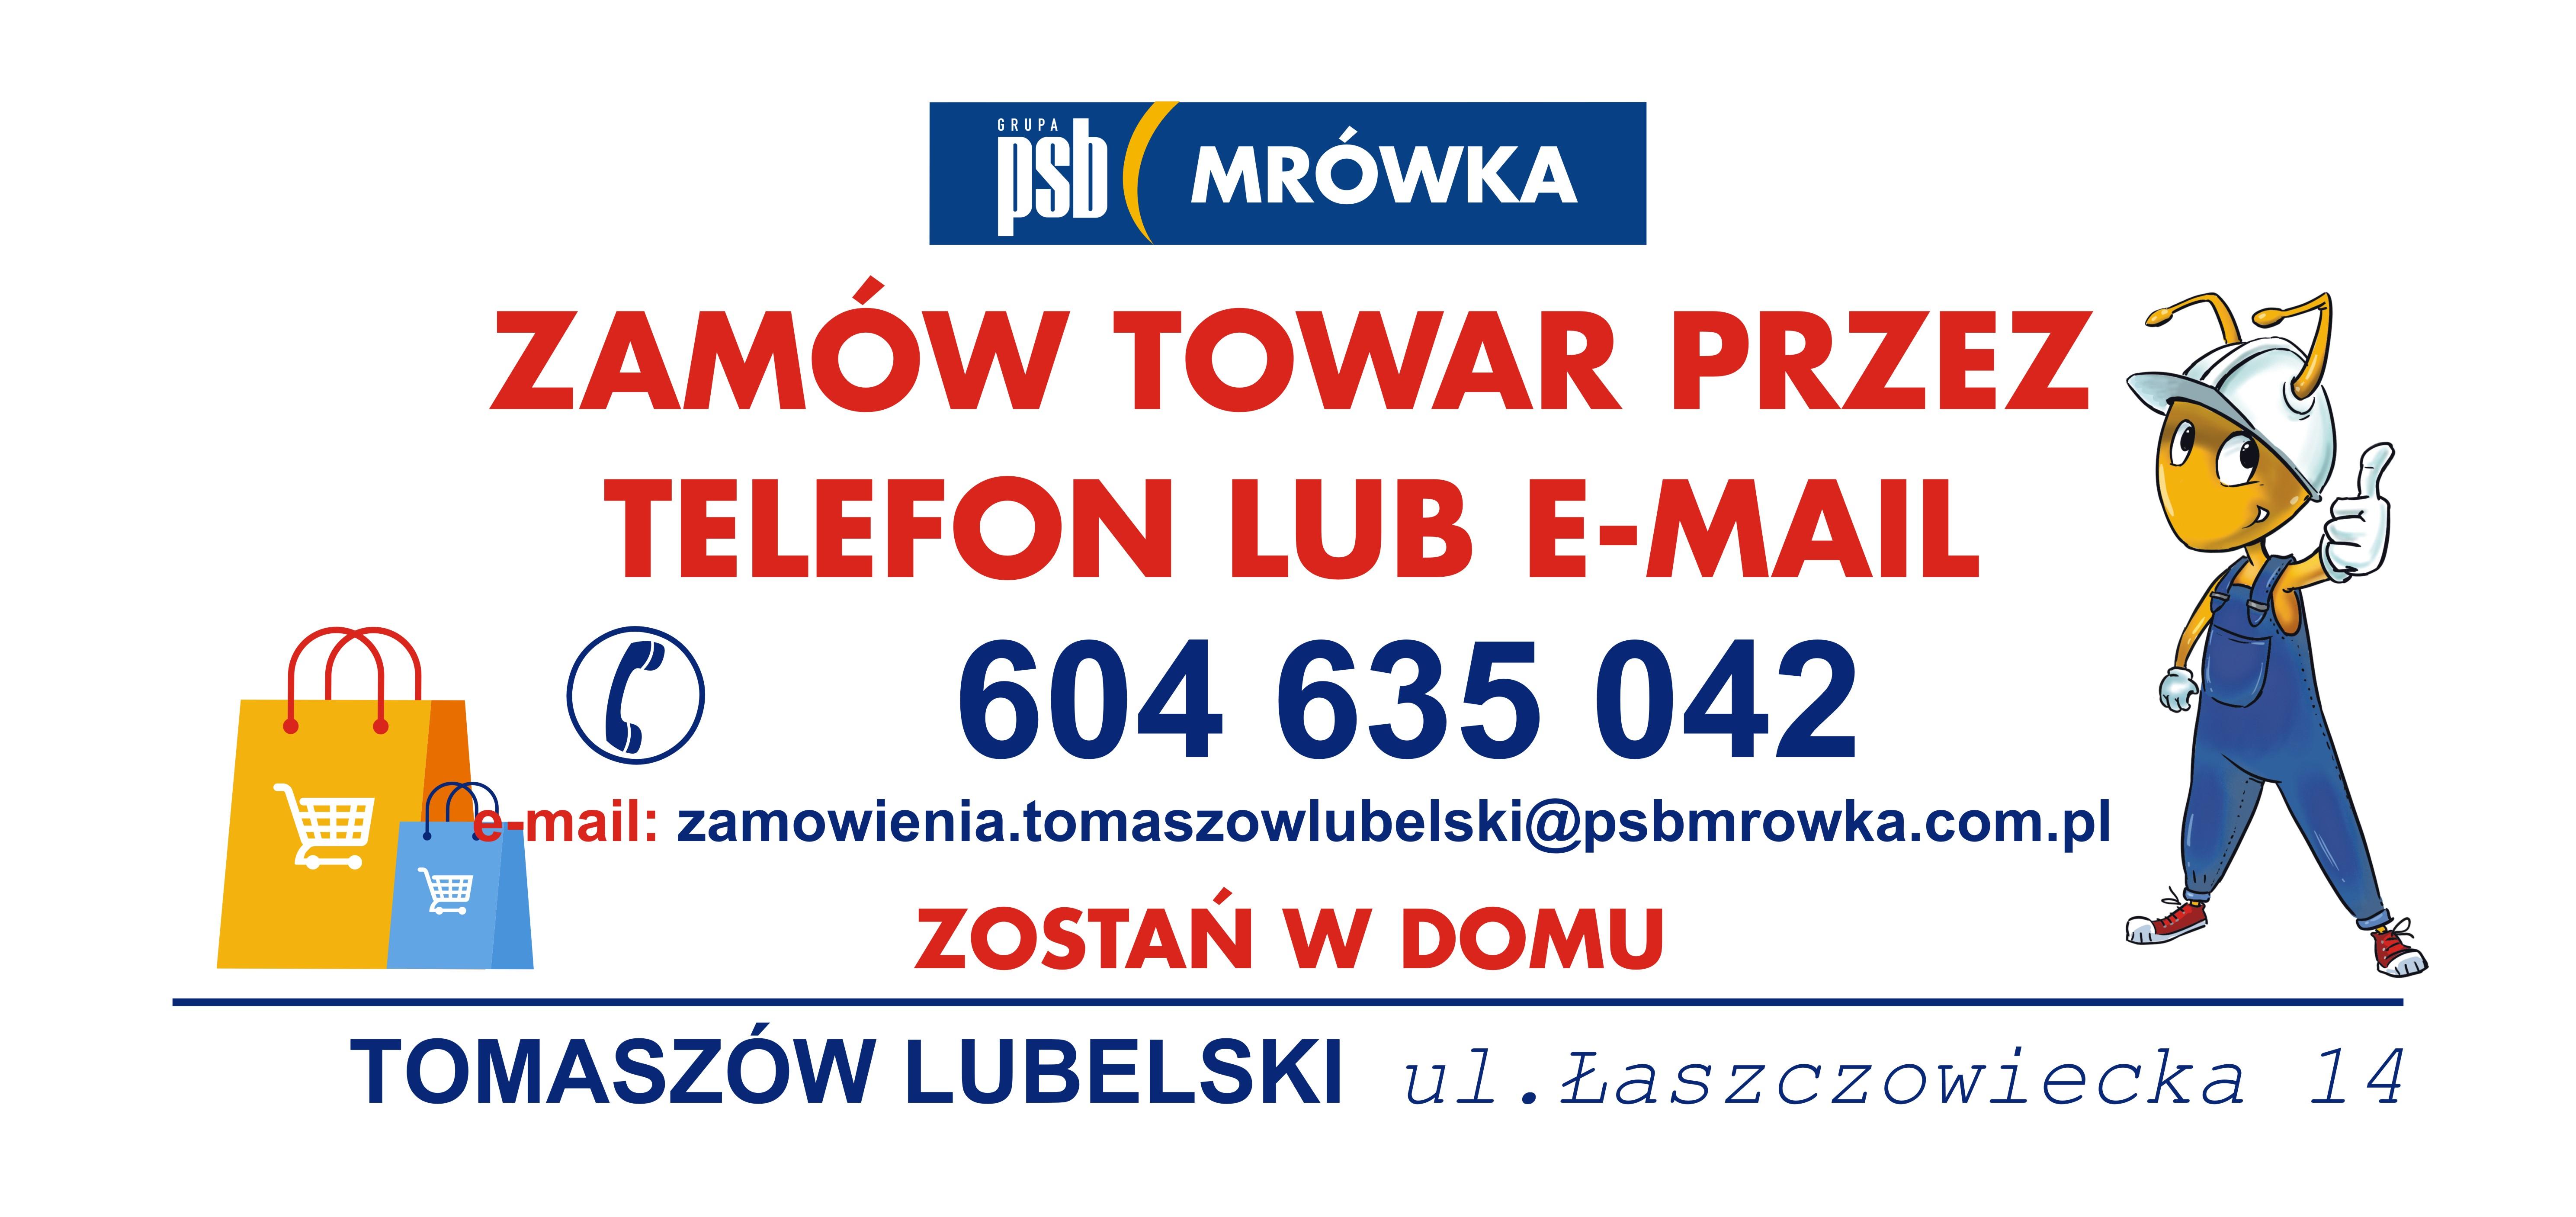 Mrówka Tomaszów Lubelski